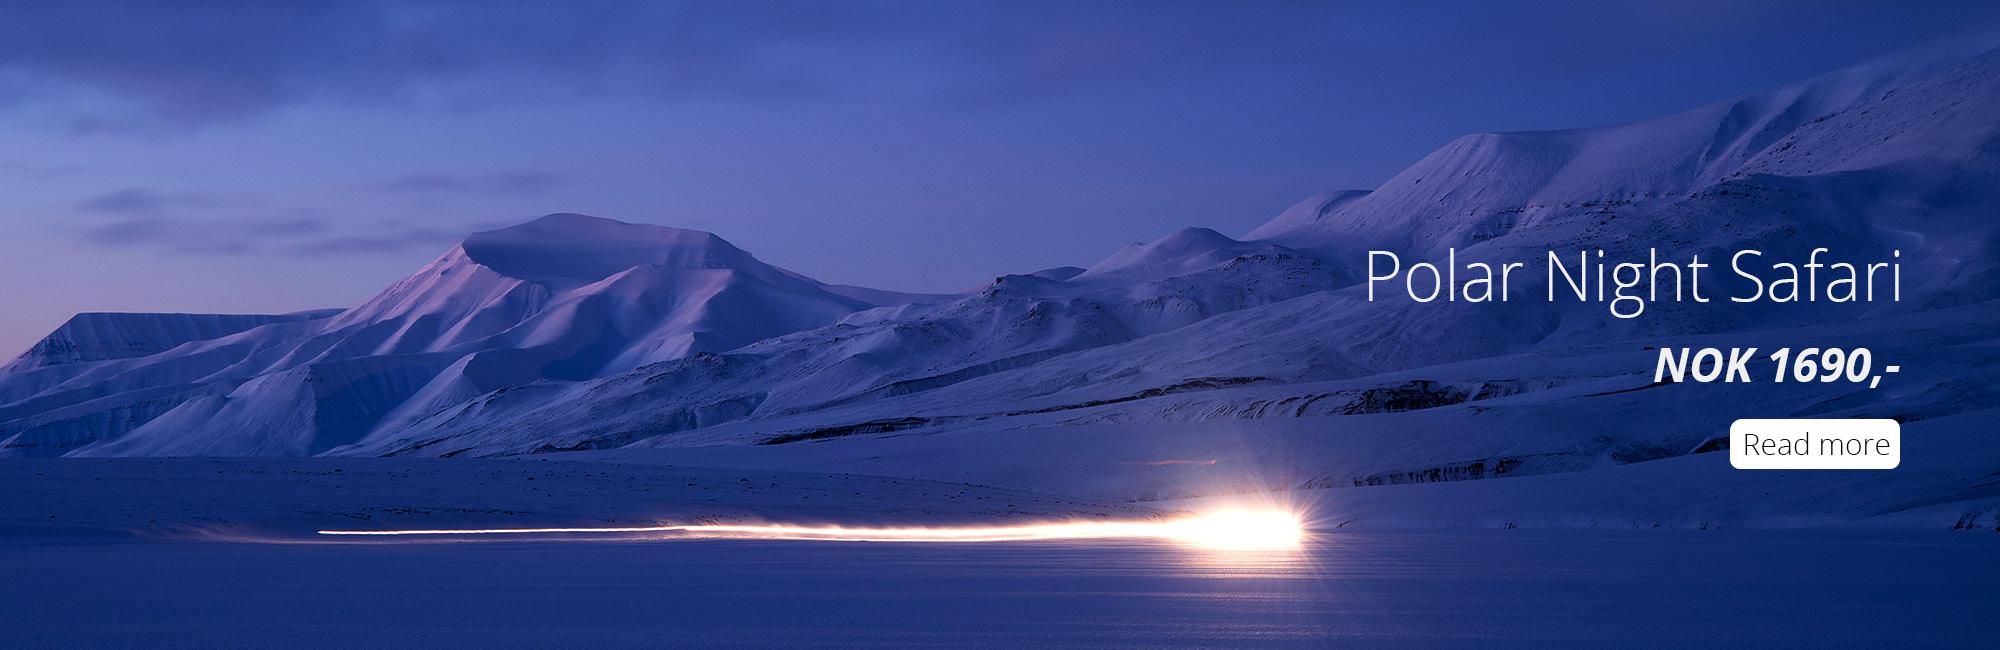 Polar Night Safari